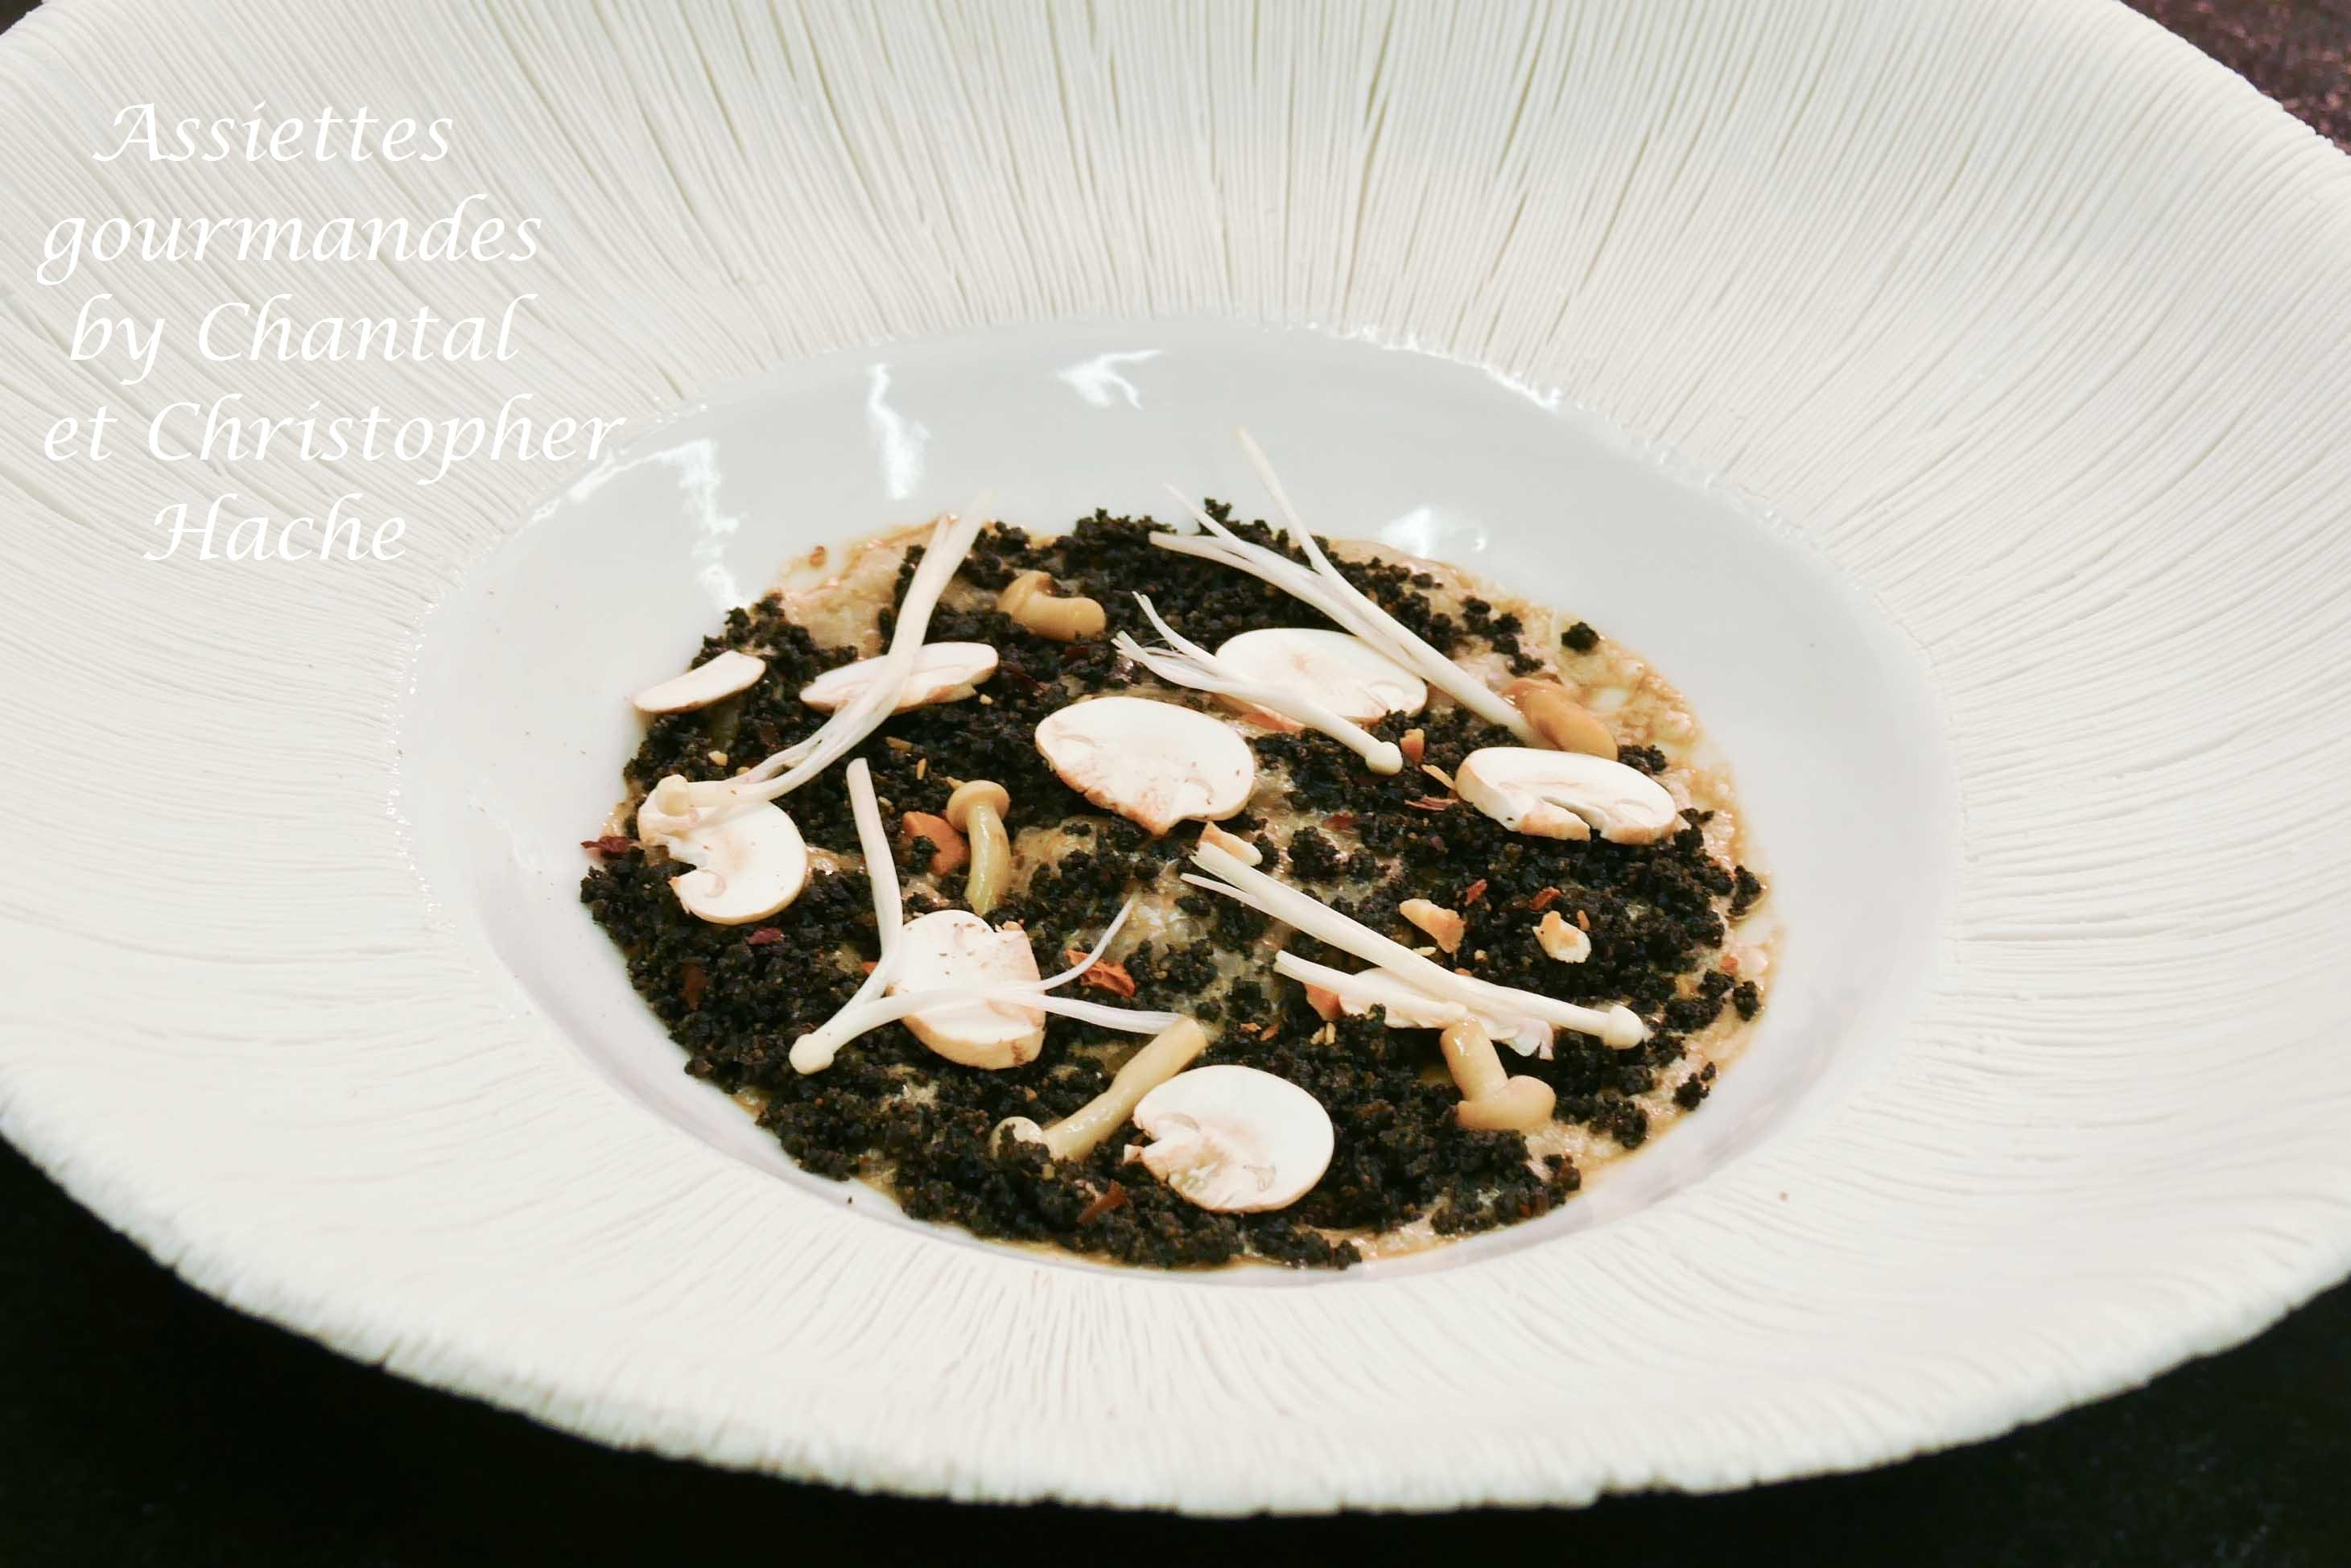 Mousse de champignons de Paris - Recette de Christopher Hache